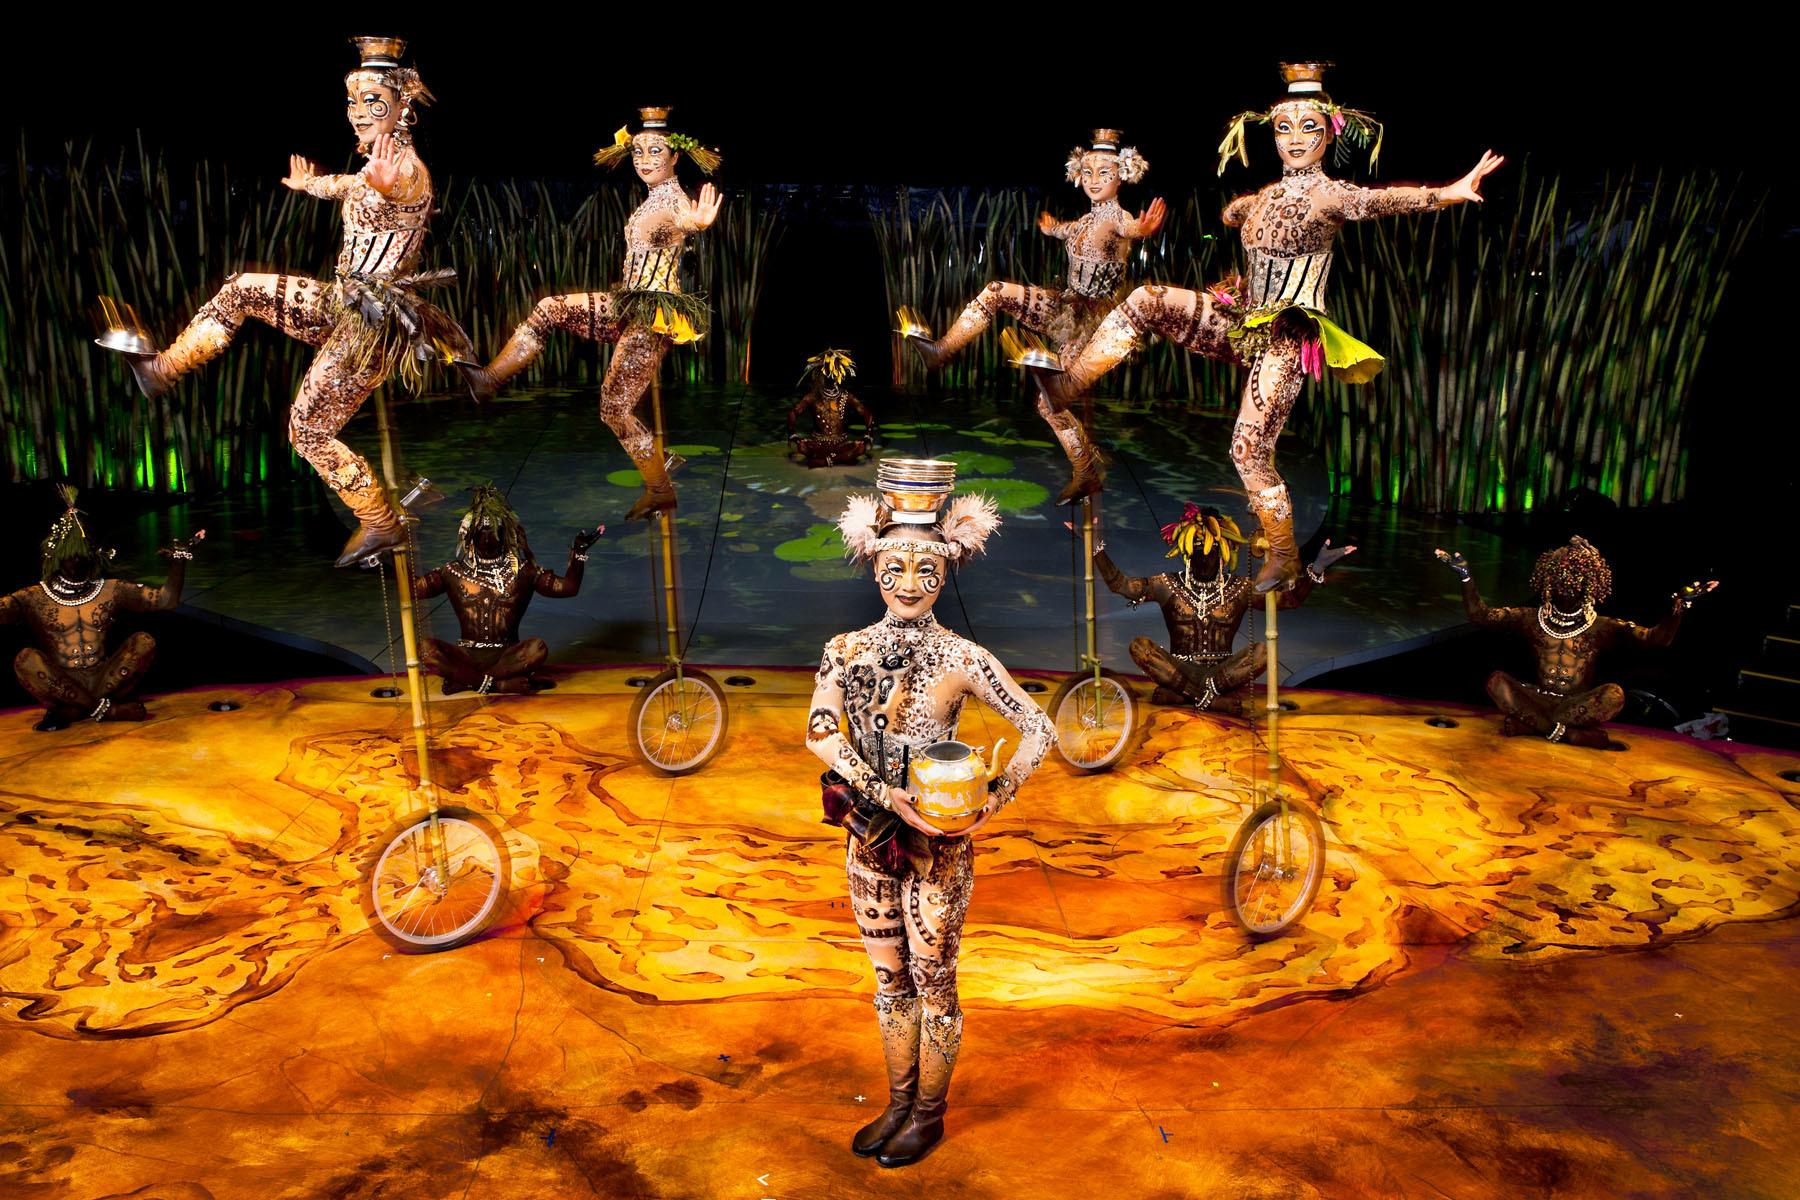 ユニサイクル・アンド・ボウル 1 UNICYCLES WITH BOWLS Photo: OSA Images Costumes: Kym Barrett © 2010 Cirque du Soleil